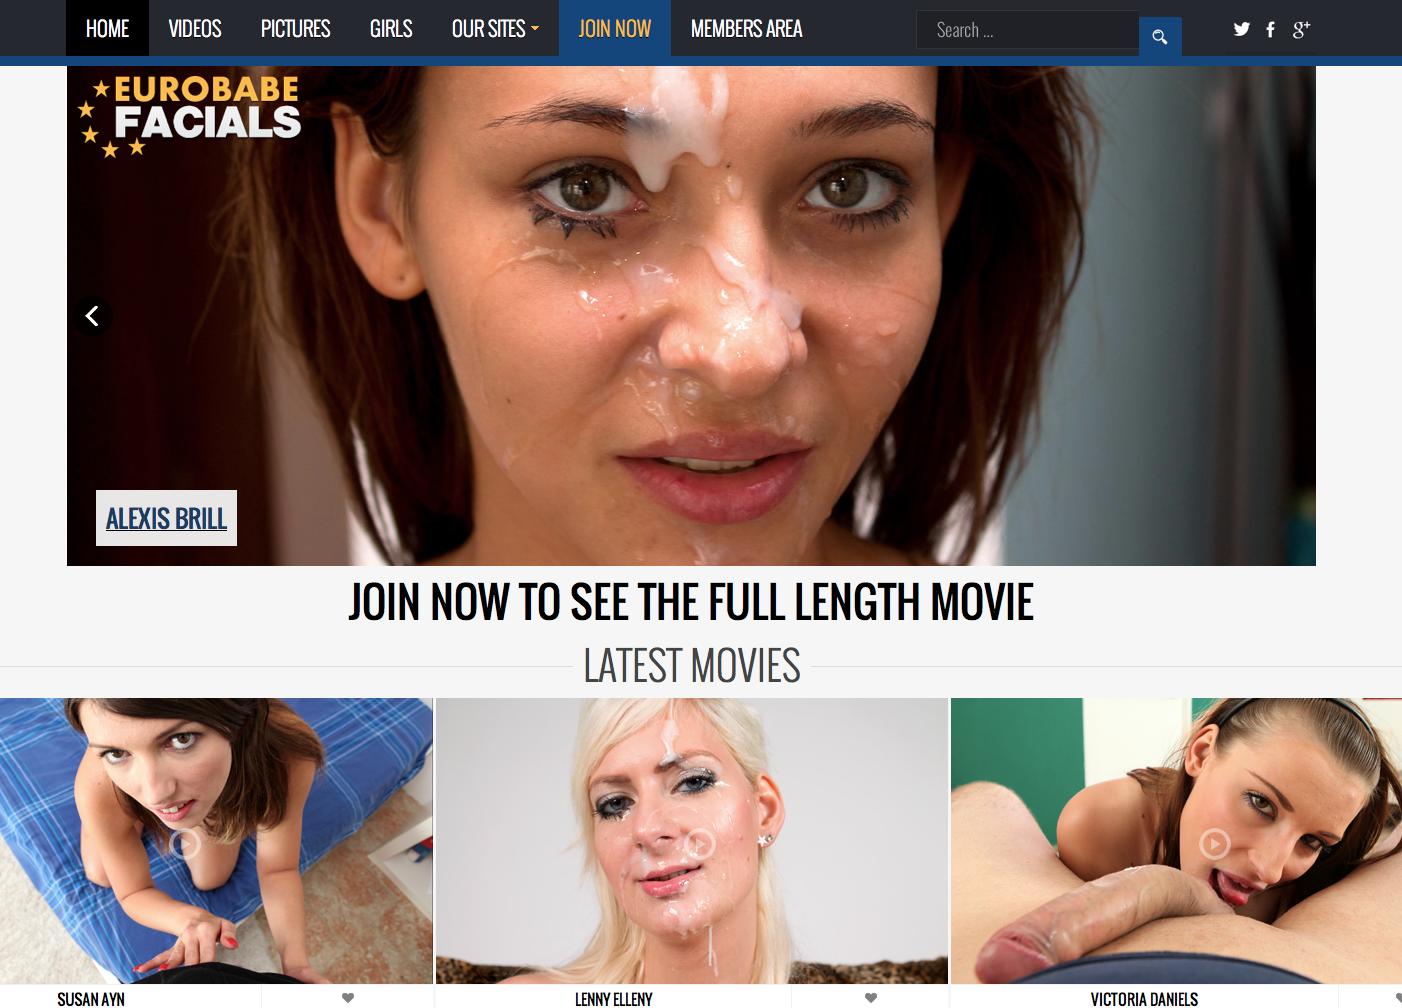 Eurobabe Facials